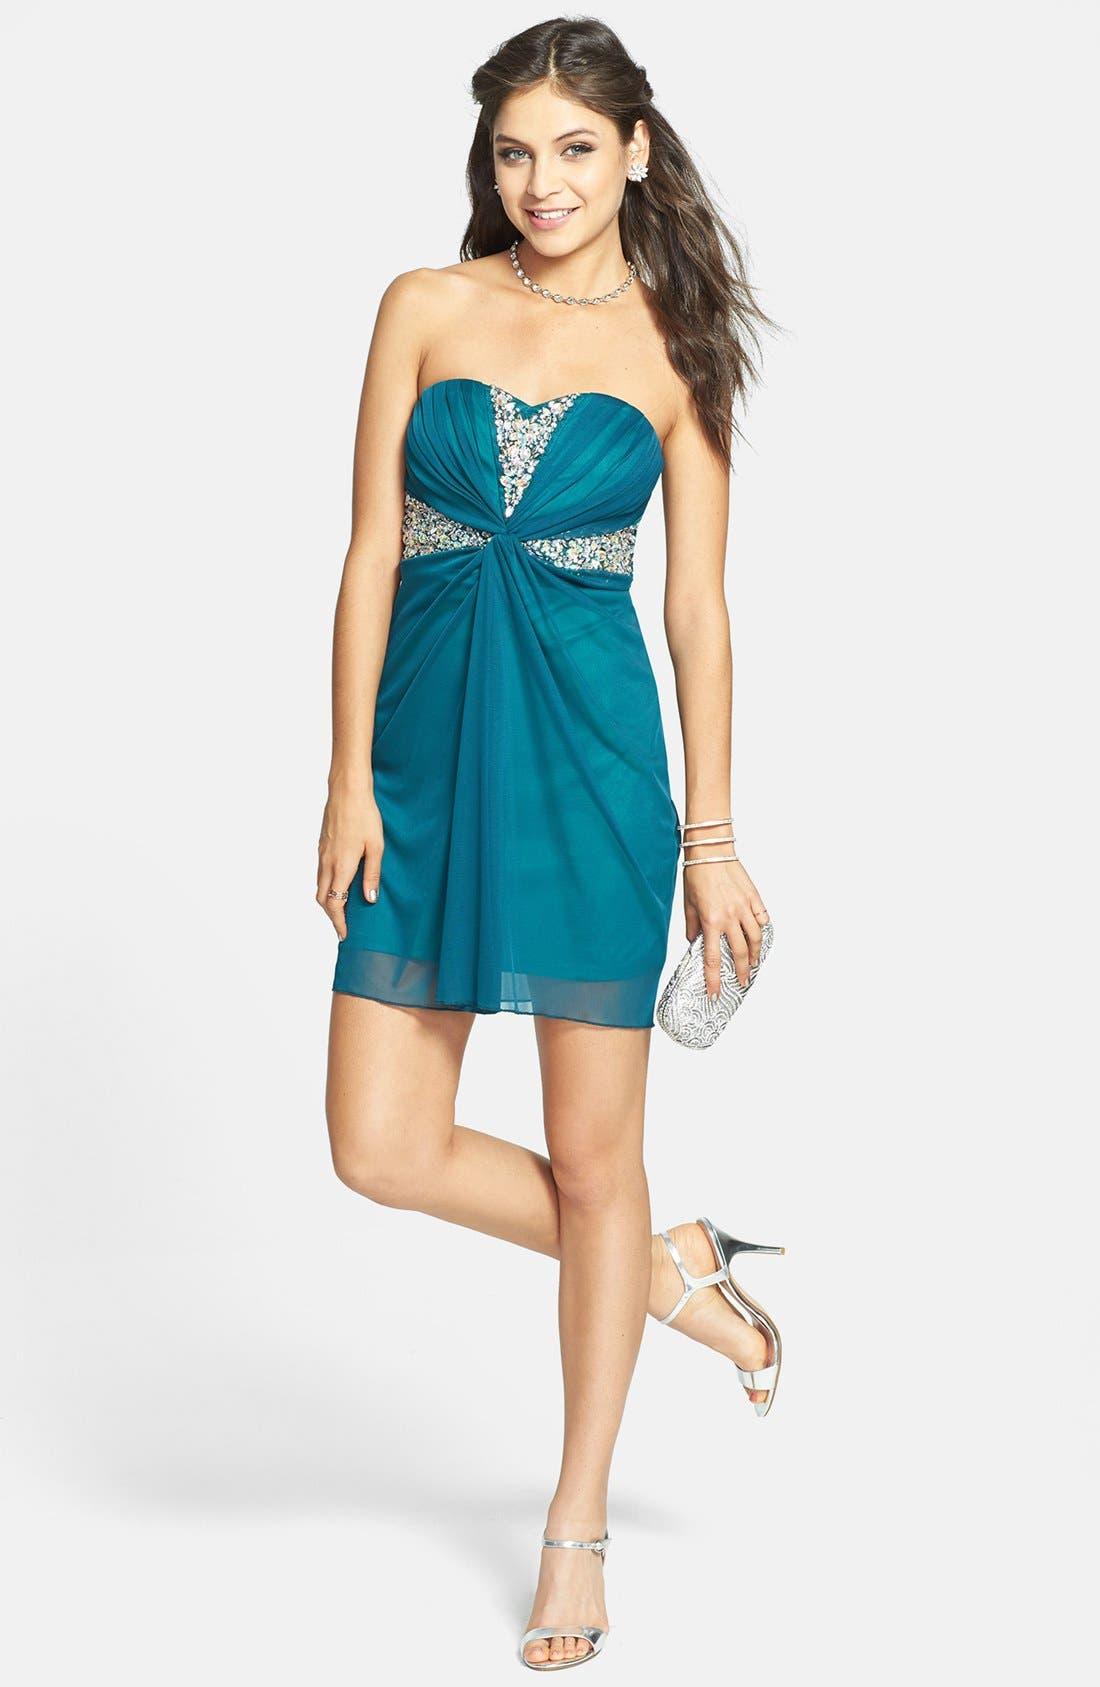 Alternate Image 1 Selected - Secret Charm Embellished Twist Front Tube Dress (Juniors)